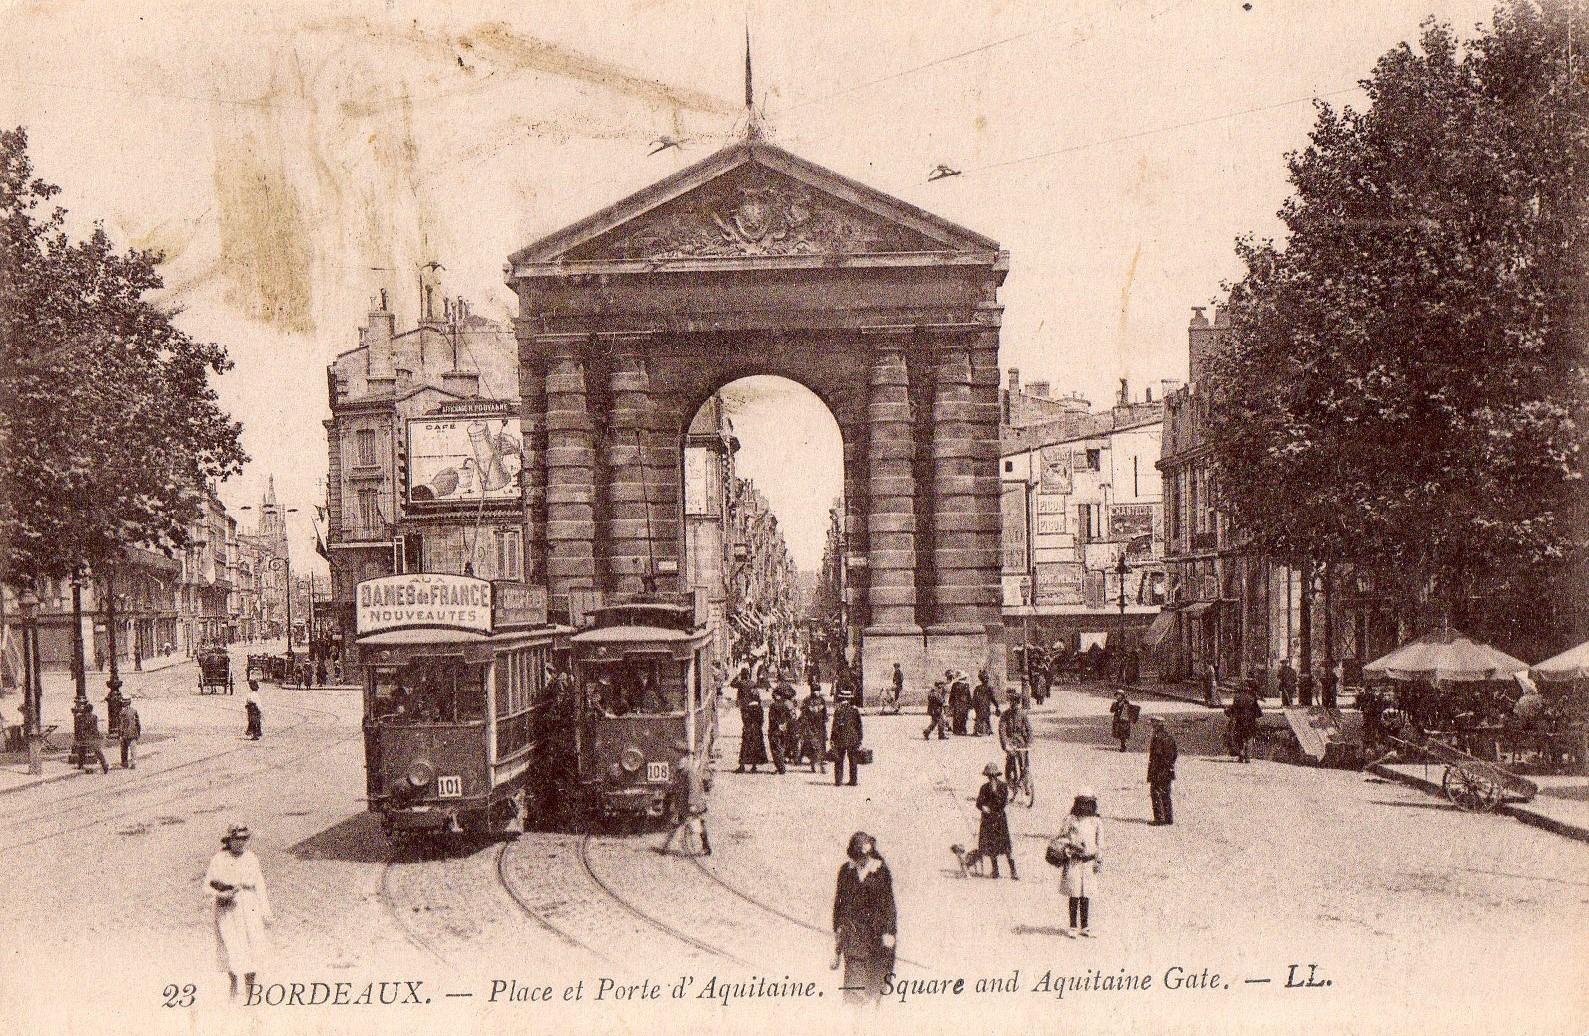 Porte d'Aquitaine - place de la Victoire